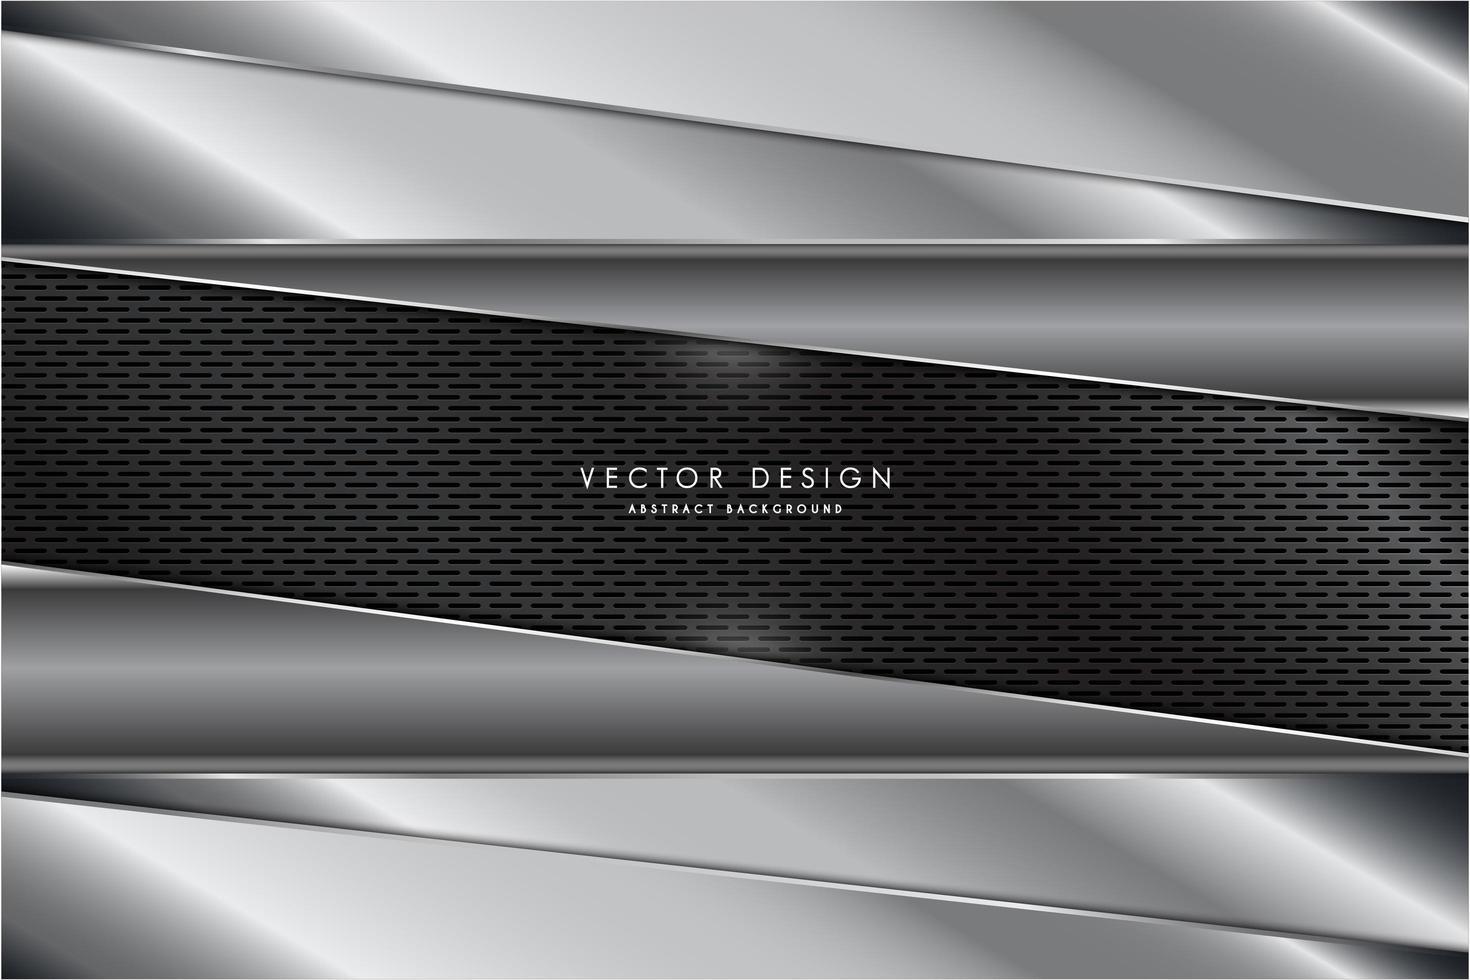 paneles en capas de plata metalizada sobre textura de fibra de carbono gris vector